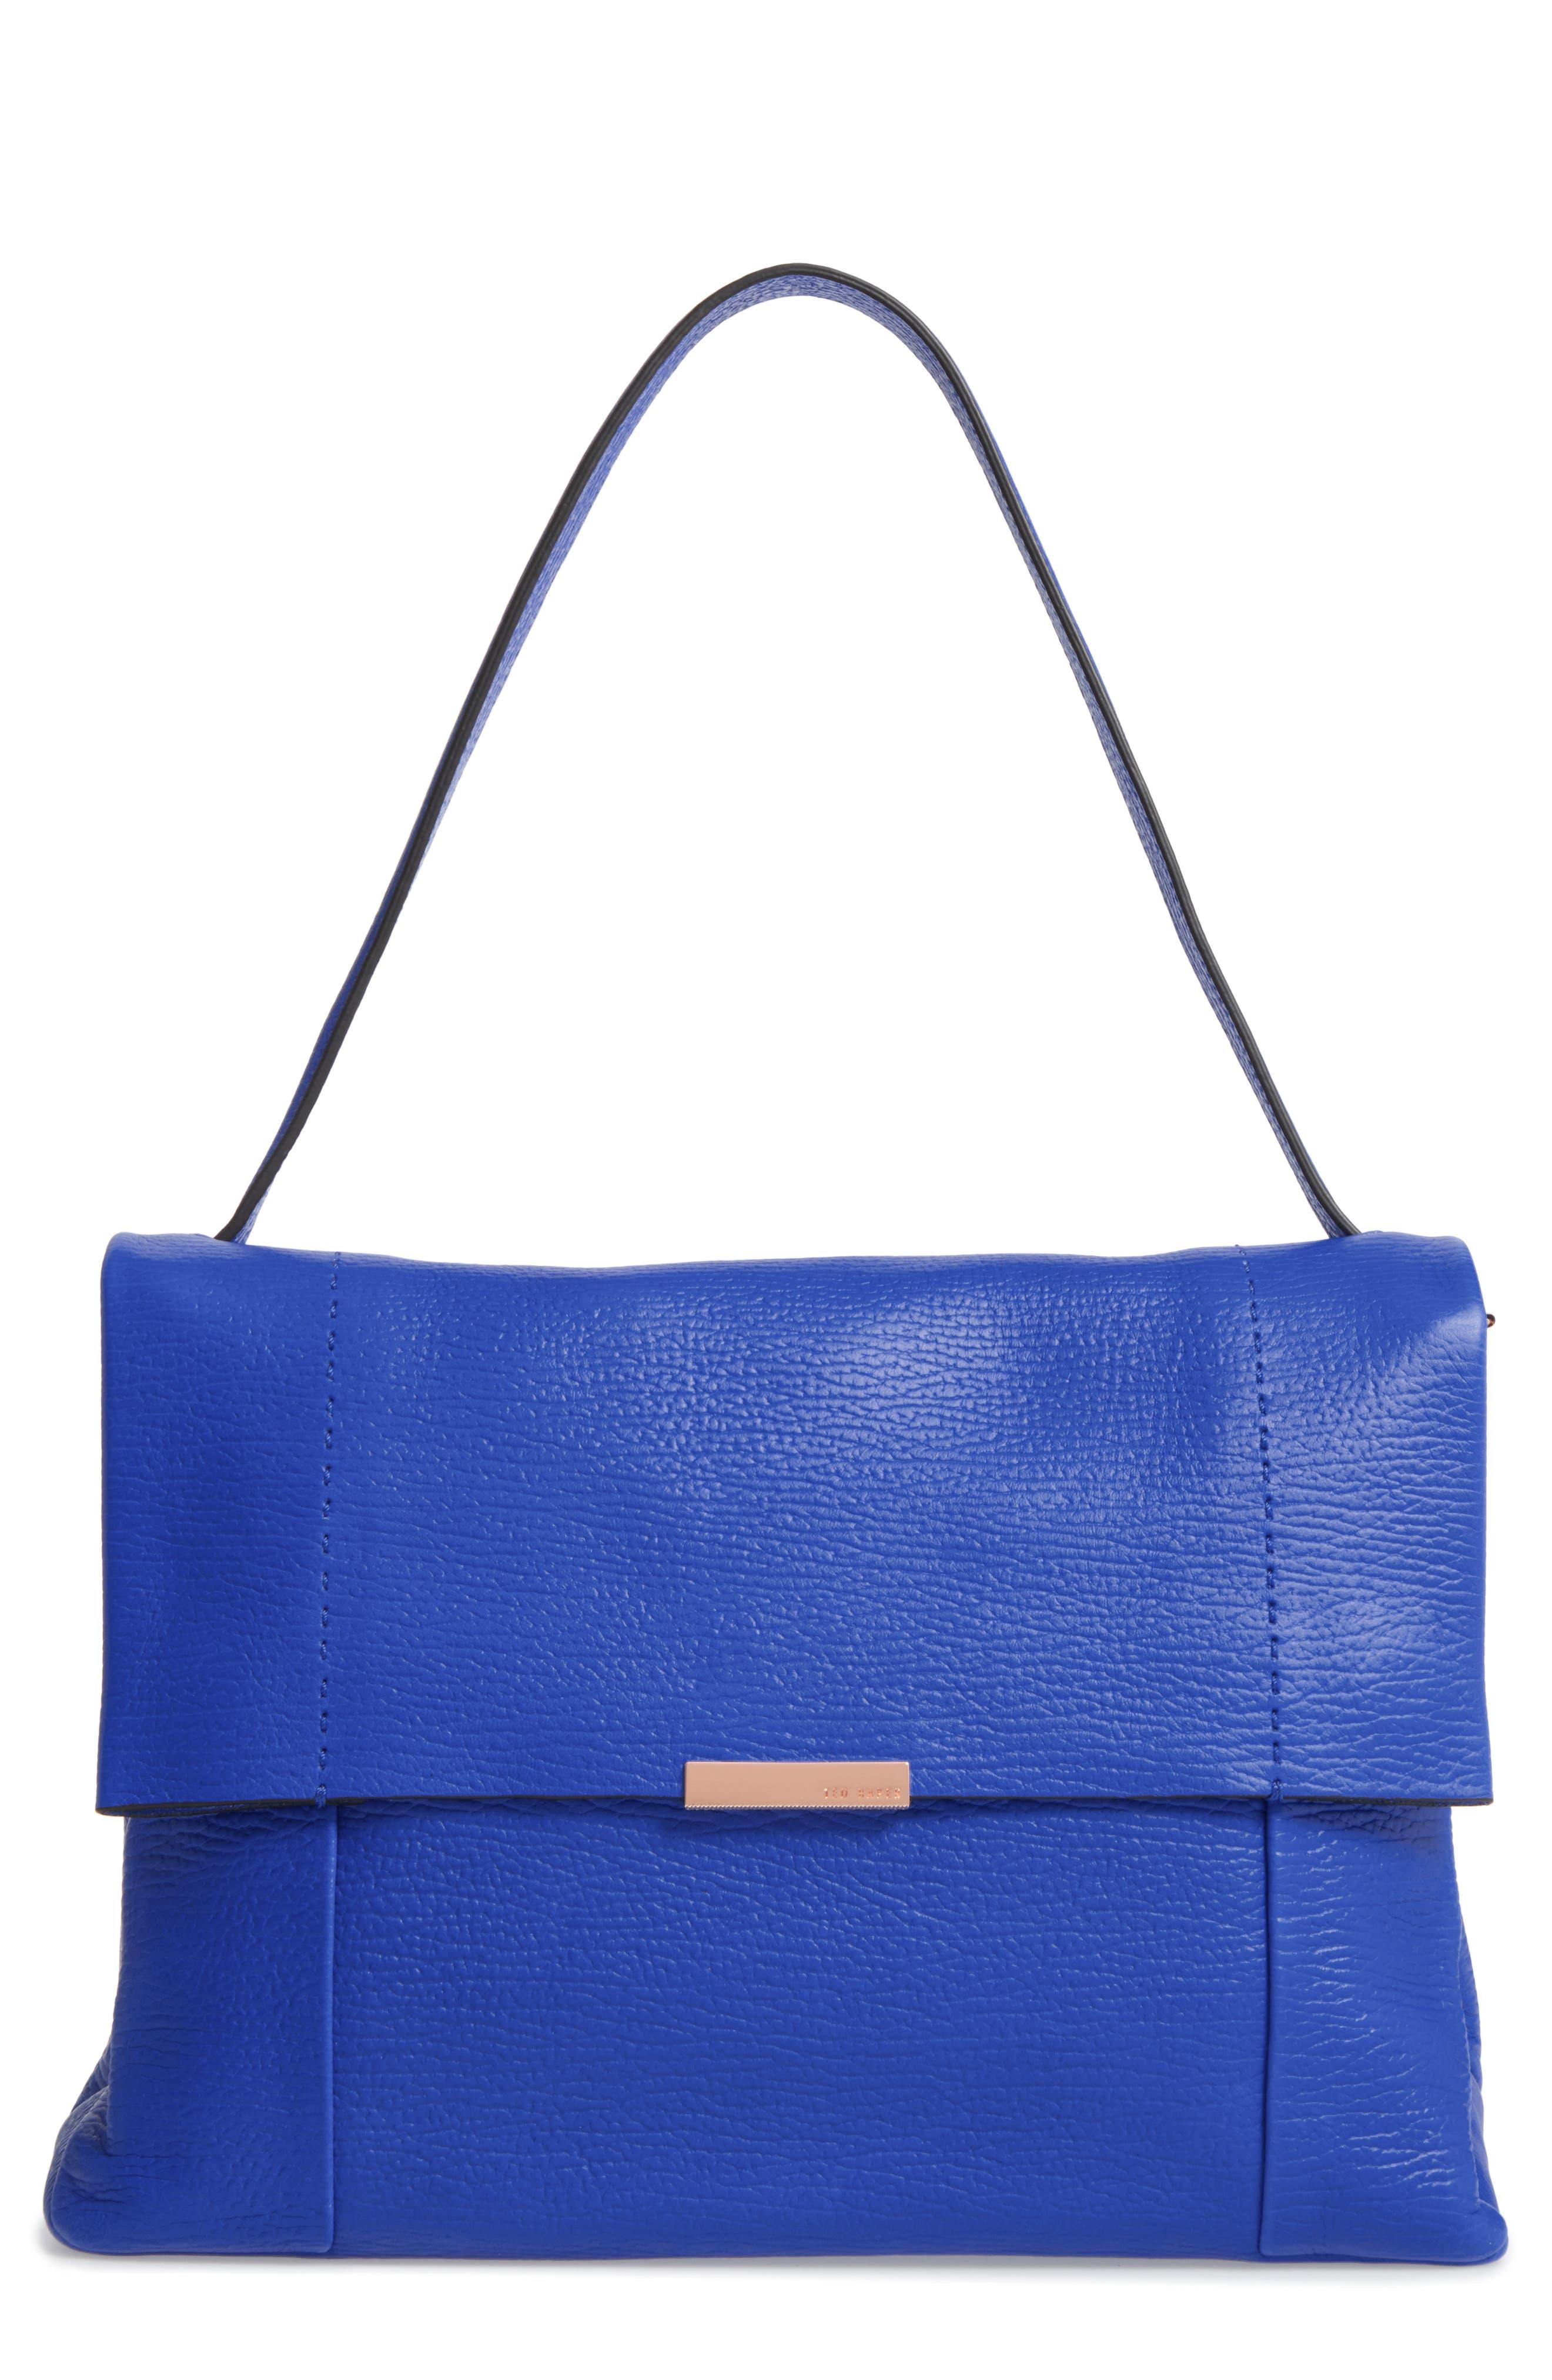 Proter Leather Shoulder Bag,                         Main,                         color, Bright Blue